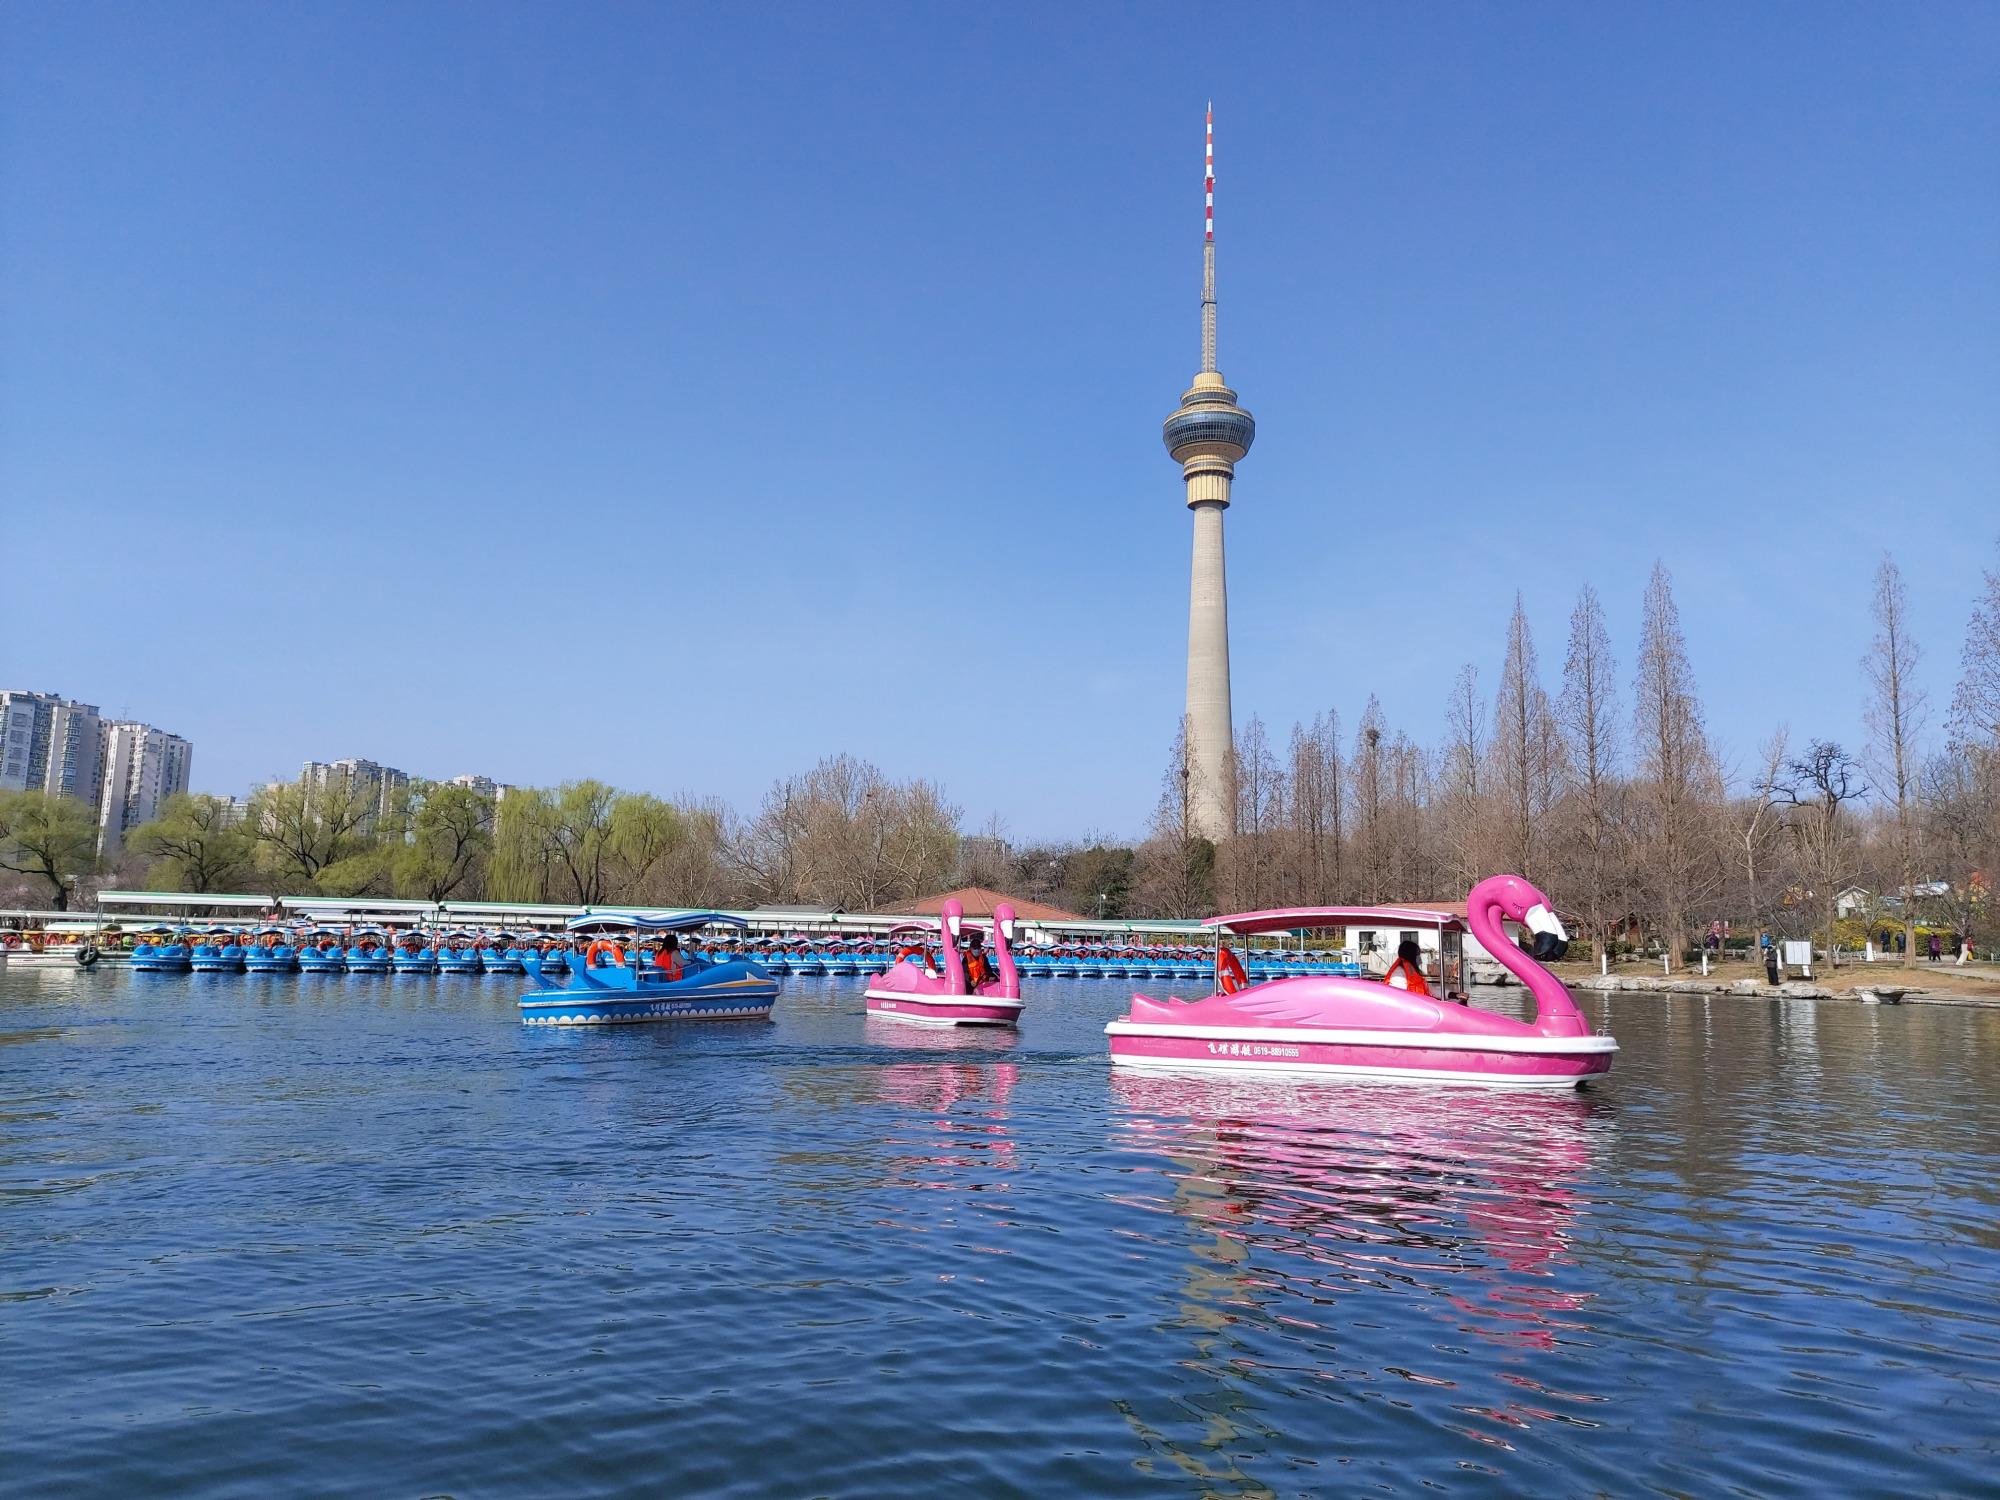 本周起,市属5家公园将陆续开放游船码头_北京日报APP新闻